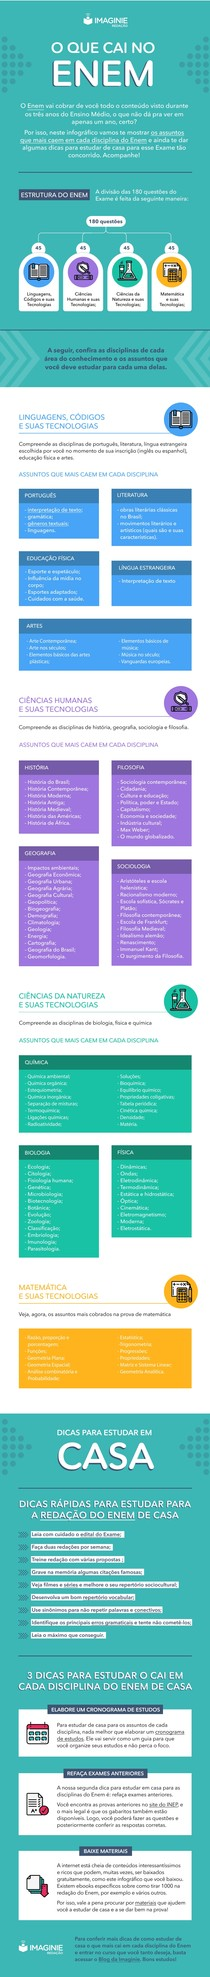 Infográfico Matérias que Caem no ENEM (Imaginie)